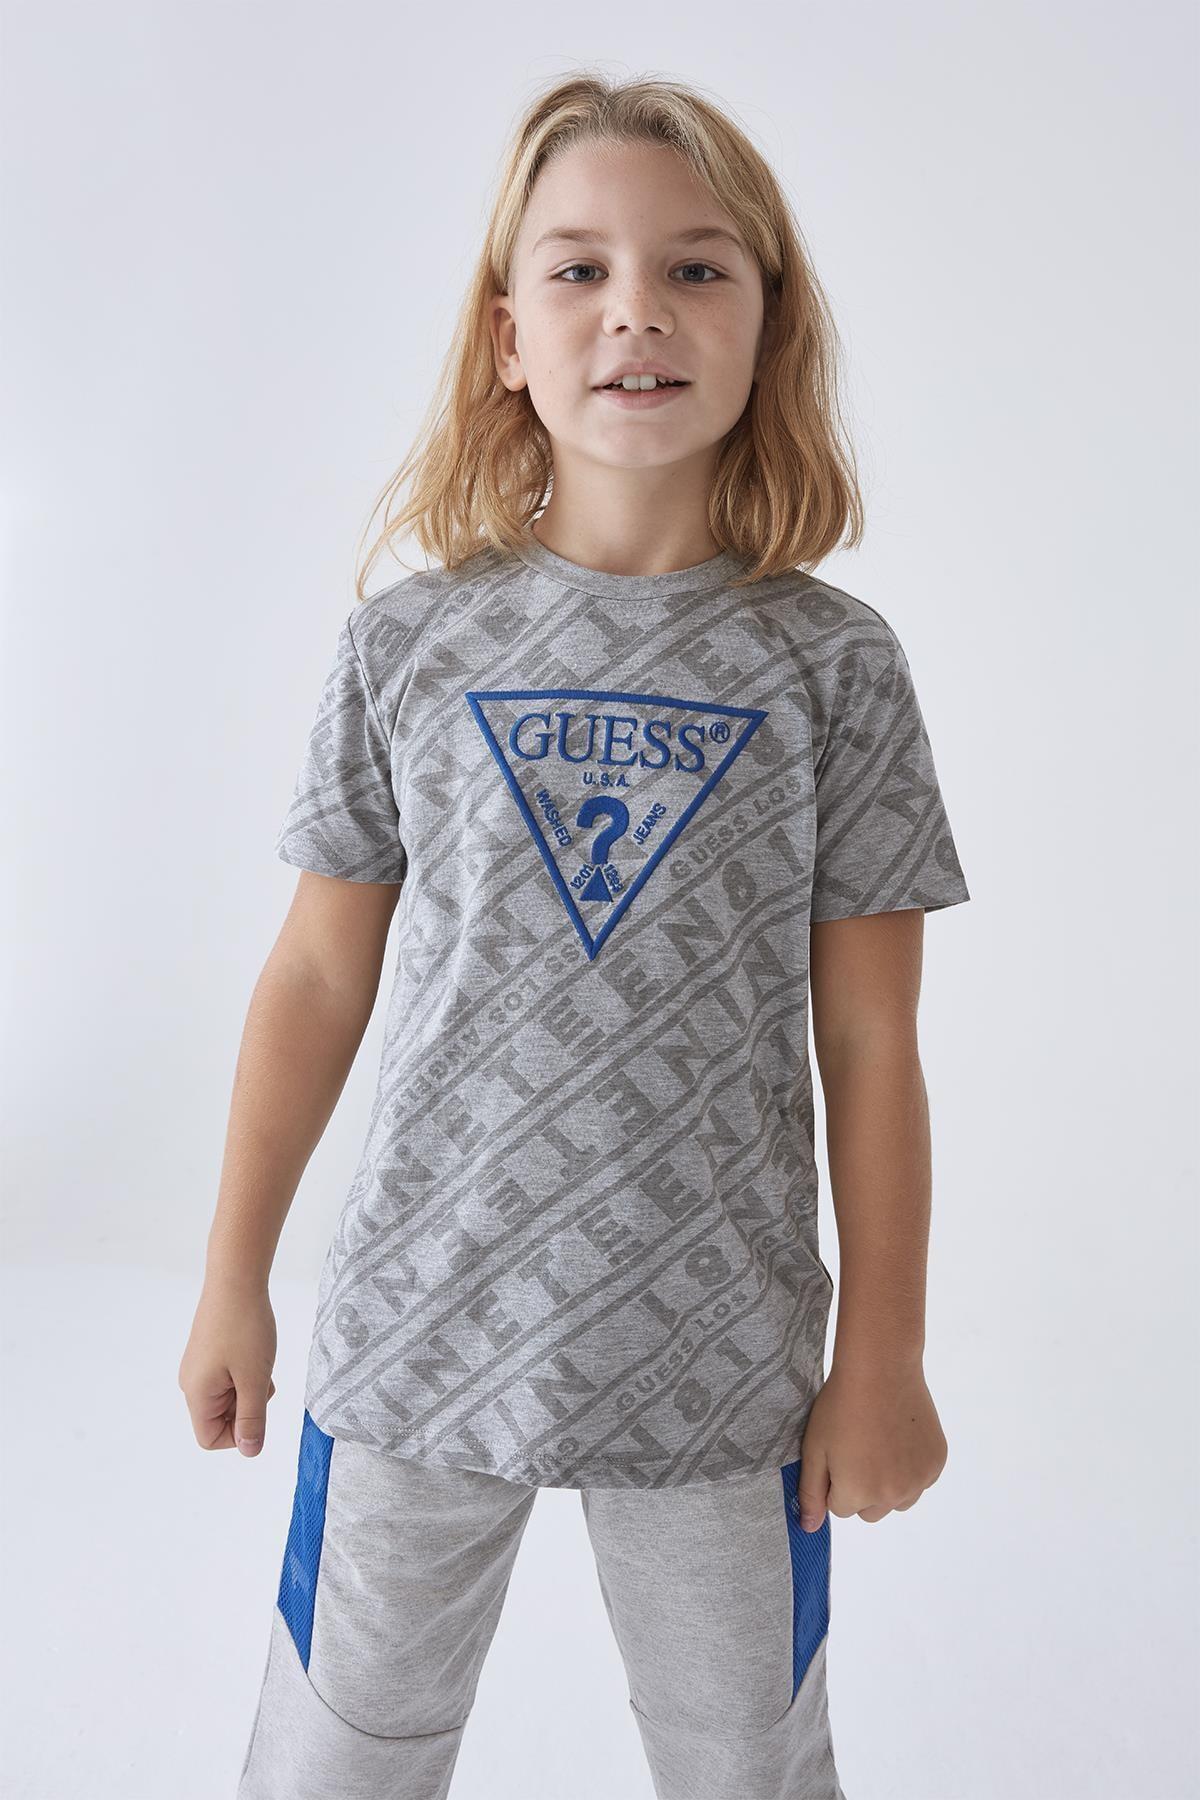 Guess Erkek Çocuk Gri T-shirt 20fwgl0yı03 1